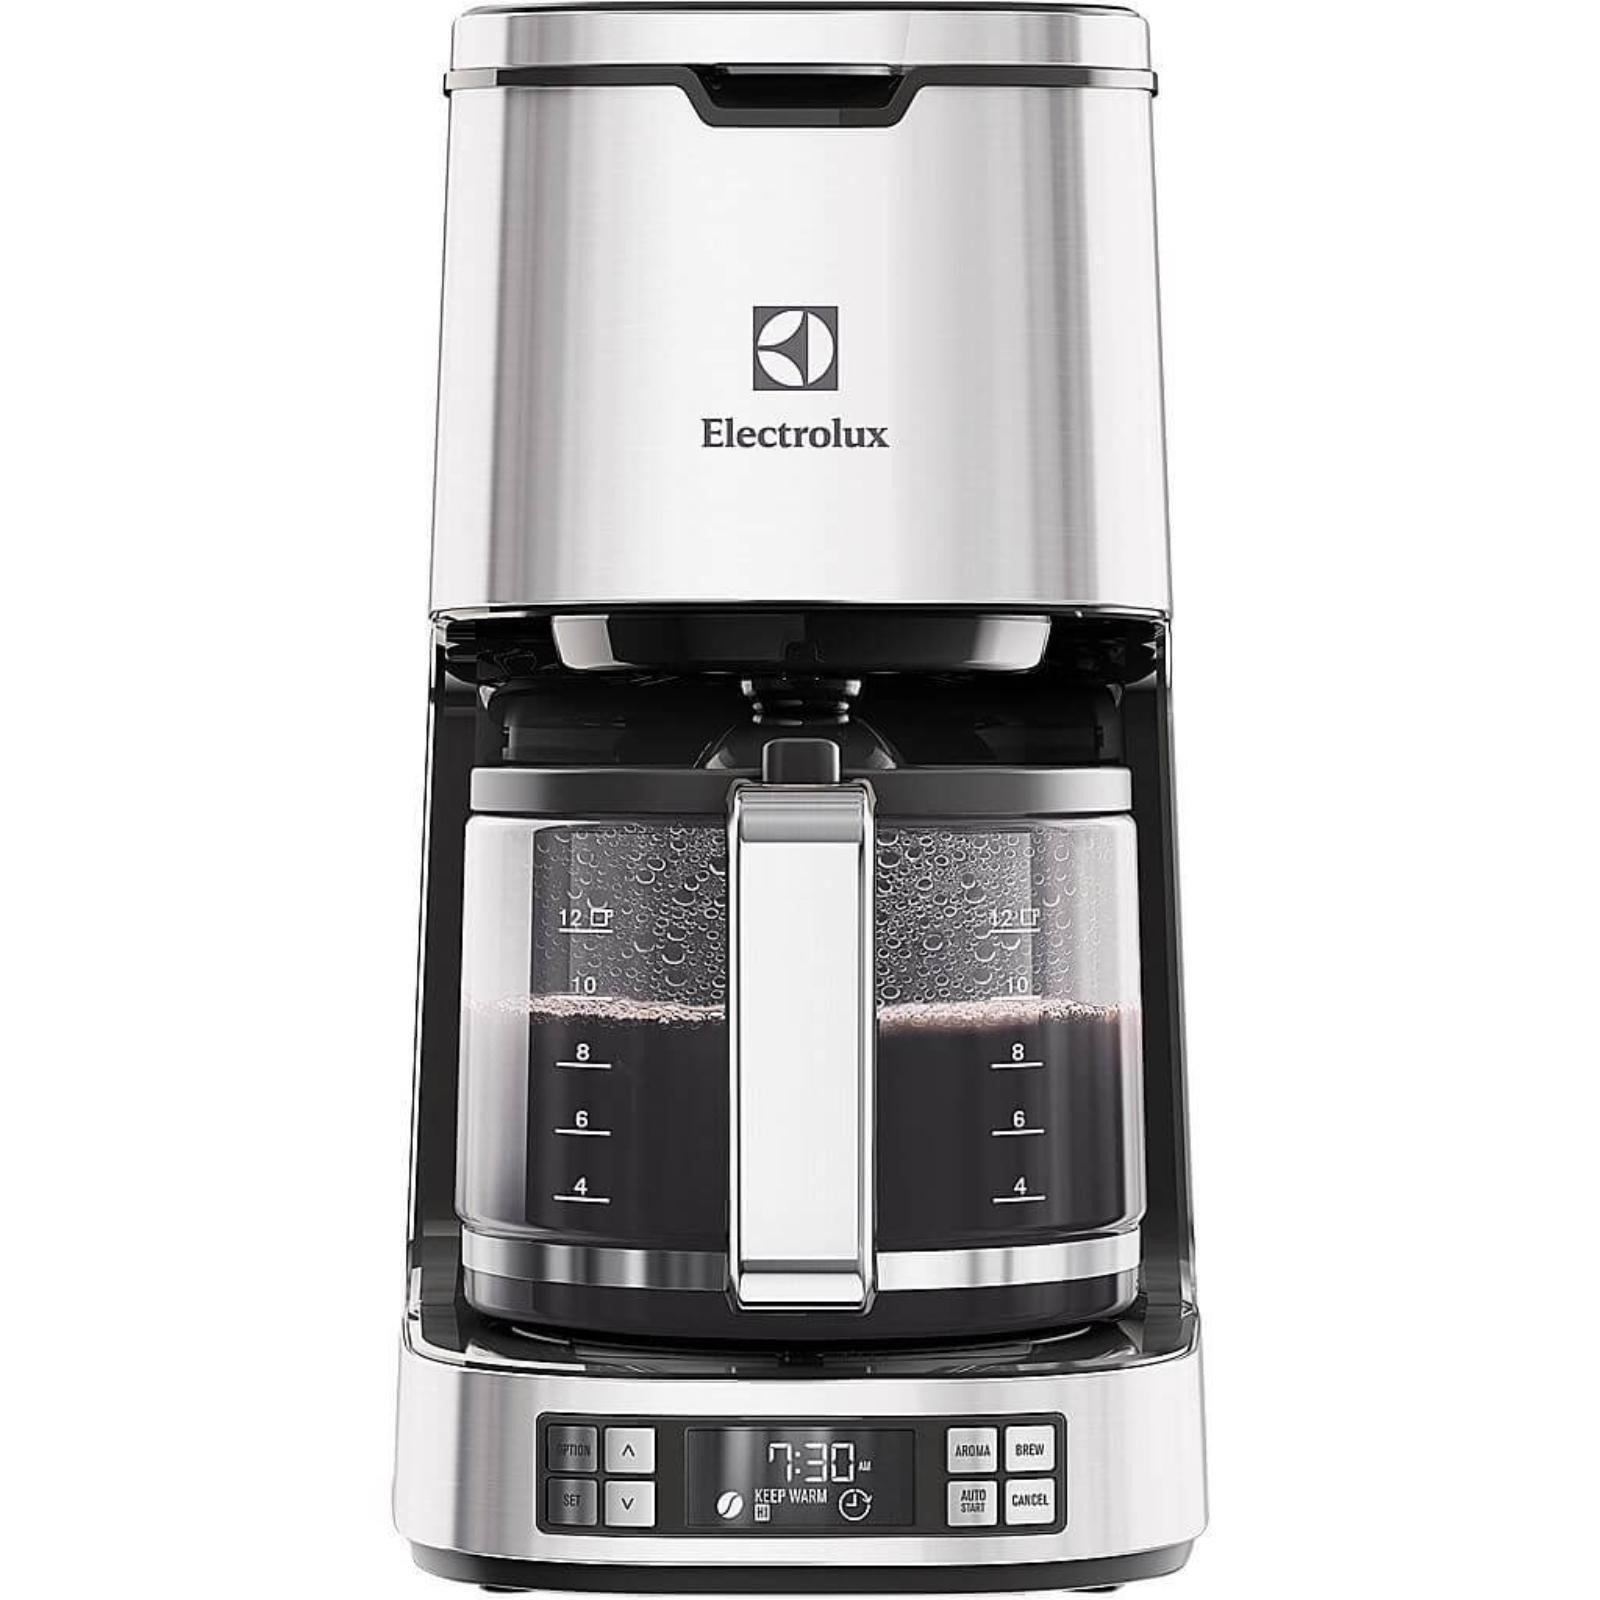 Cafetiera Electrolux EKF7800, 1080 W, 1.6 l, 12 cesti, Inox